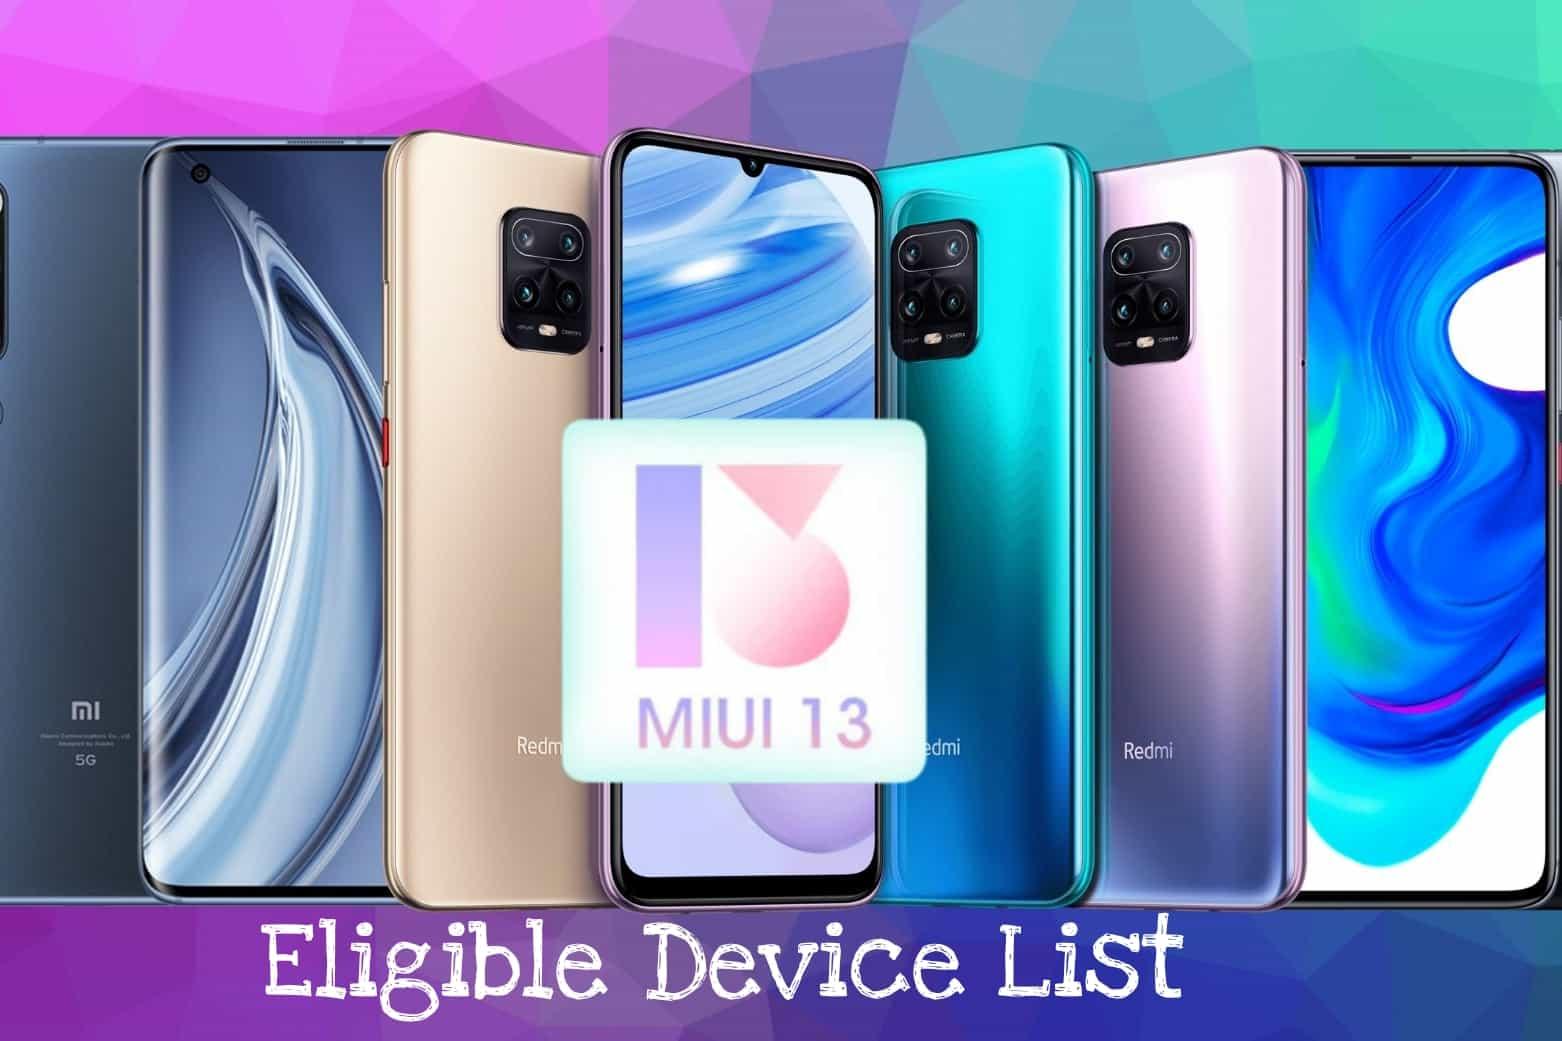 miui 13 update | miui 13 features